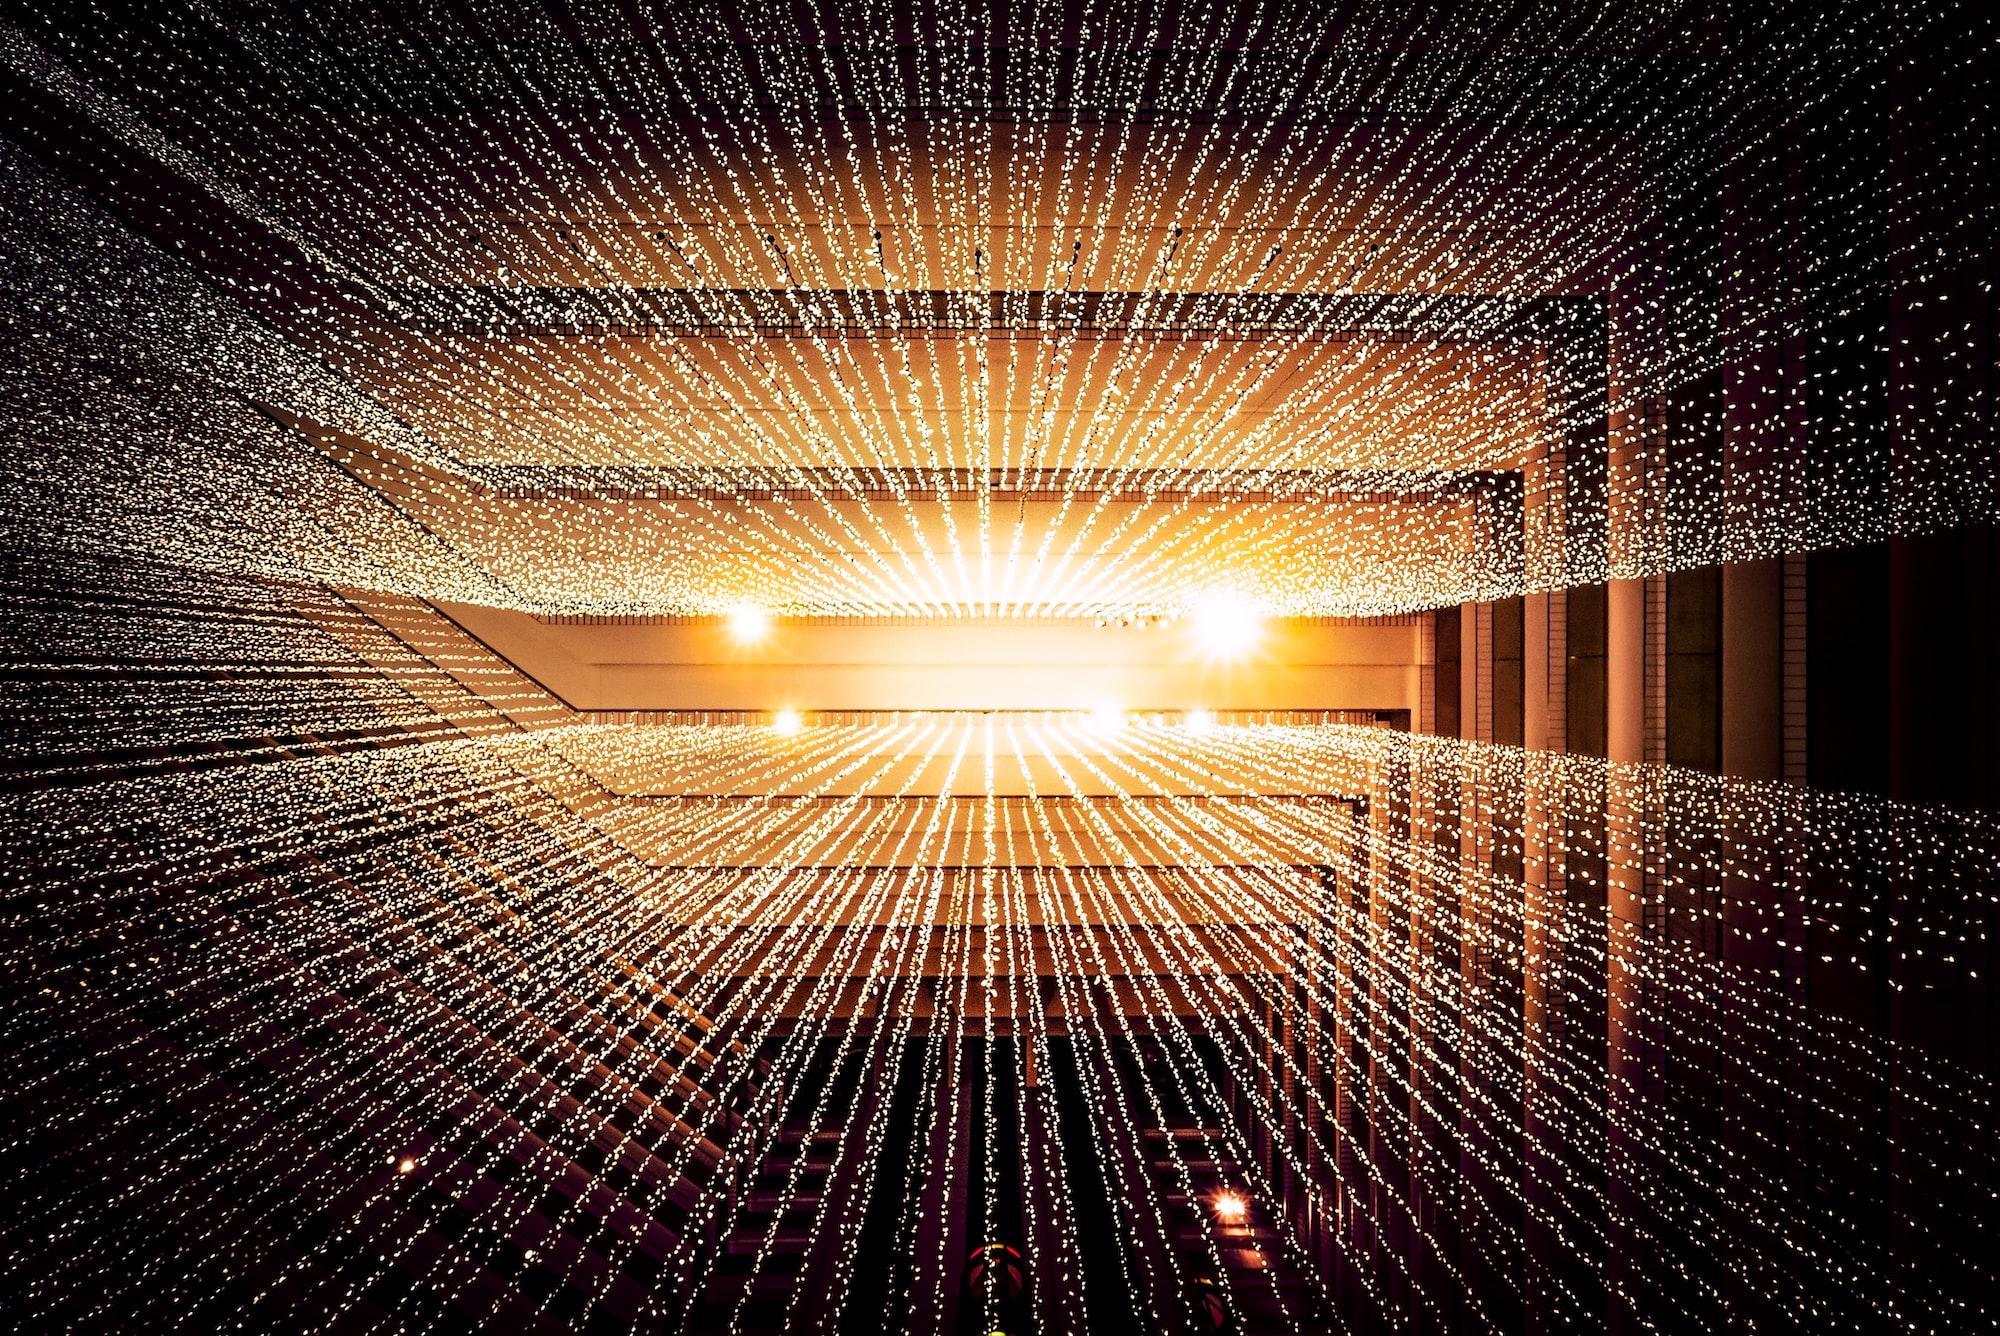 Superare la visione GDPR compliant per creare percorsi di innovazione digitale